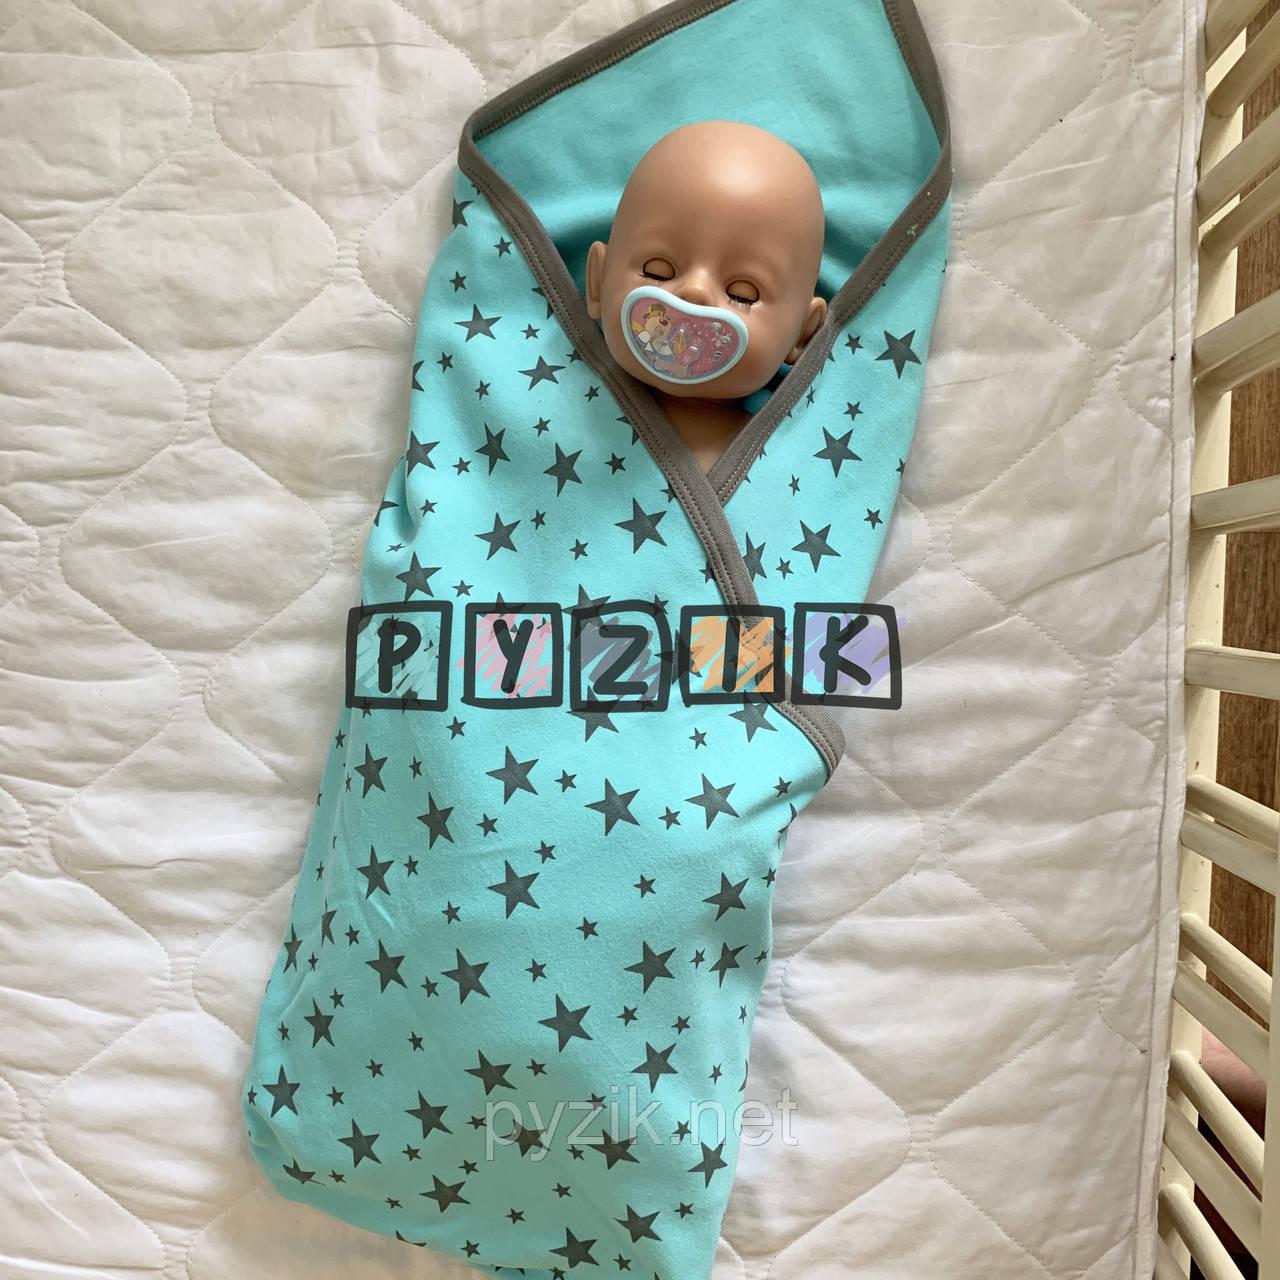 """Конверт-плед двухсторонний для новорожденных легкий на выписку и в коляску """"Звездочка"""" бирюзовый"""